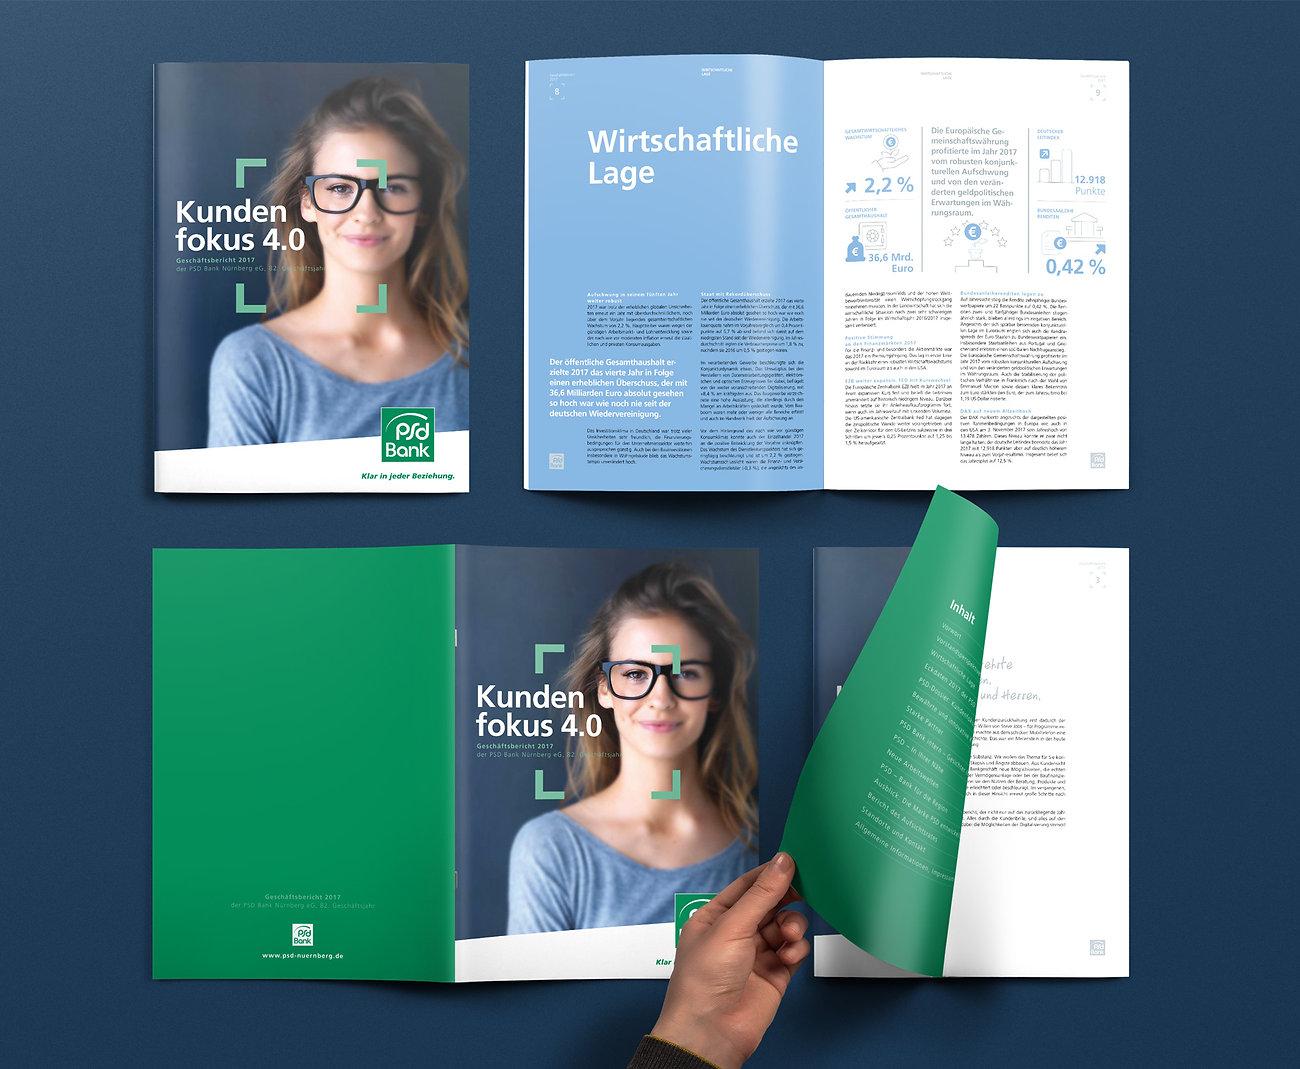 Geschäftsbericht, Annual Report, PSD Bank Nürnberg eG, Designstudio Lohrer, Grafikdesign, Webdesign, Werbung, Werbeagentur, Nürnberg, Fürth, Corporate Design, Branding, Markenentwicklung, Markenstrategie, Logodesign, Verpackungsdesign, Geschäftsausstattung, Flyer, Plakate, Anzeigen, Design für Print und digitale Medien